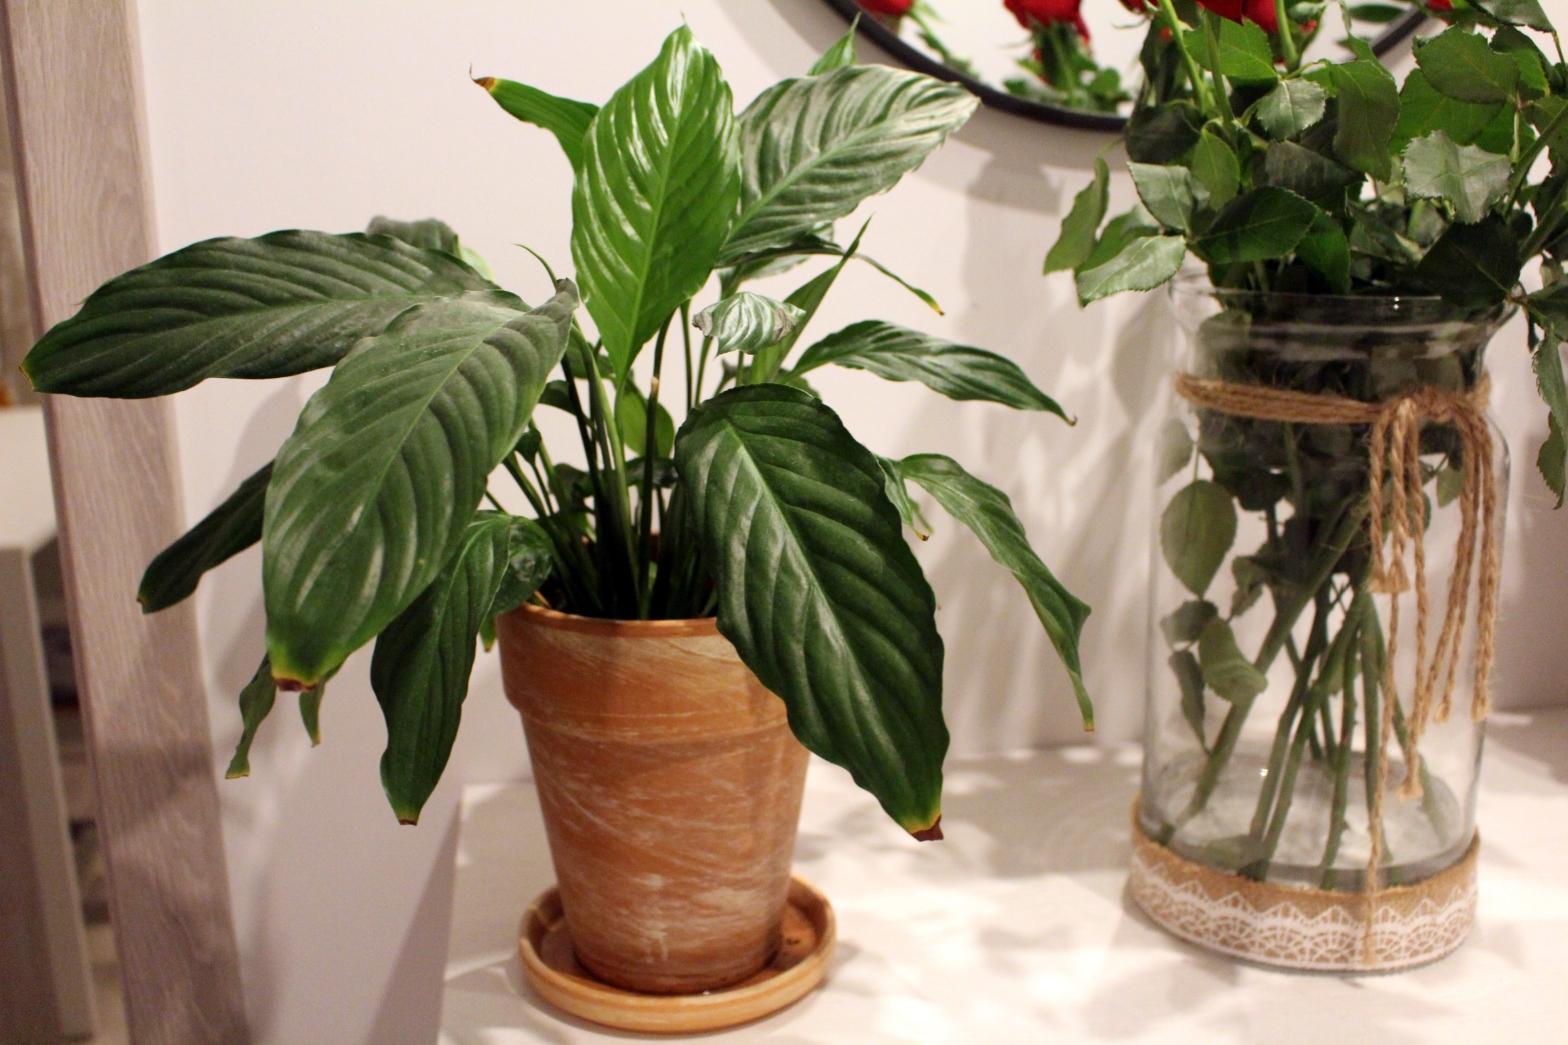 Doniczkowe Kwiaty Cieniolubne W Domu I Ogrodzie